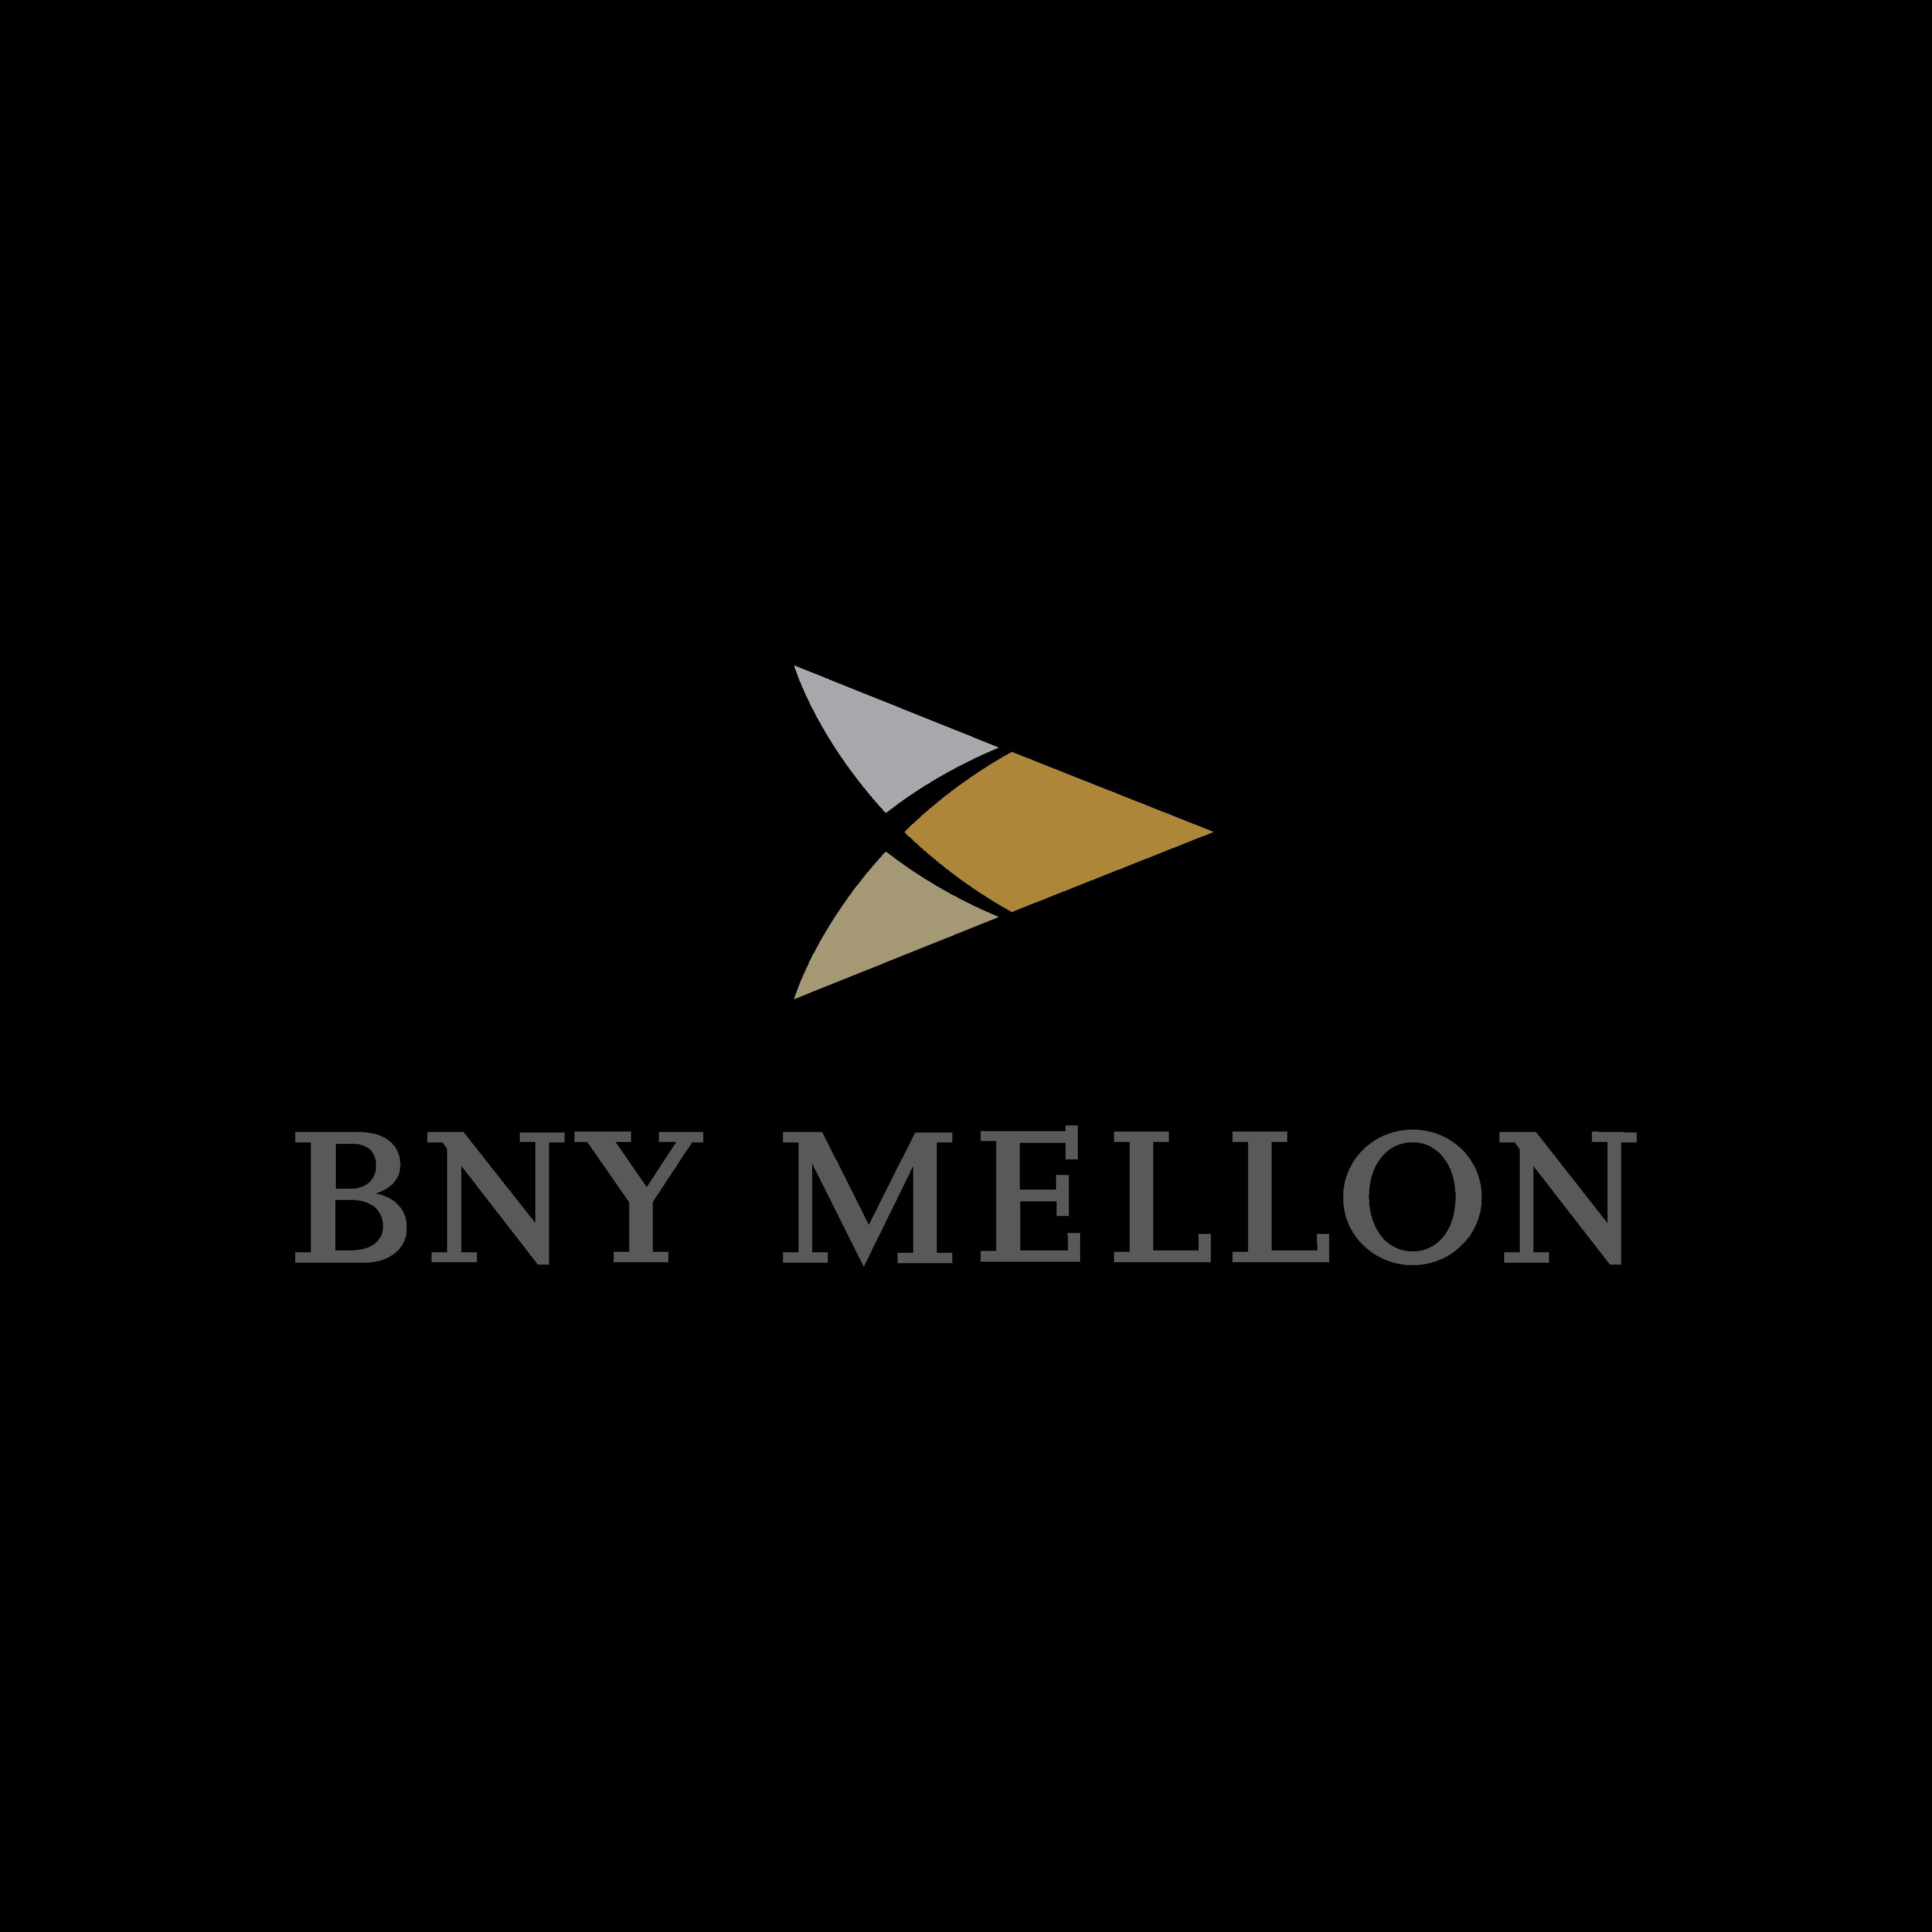 bny mellon logo 0 - BNY Mellon Logo